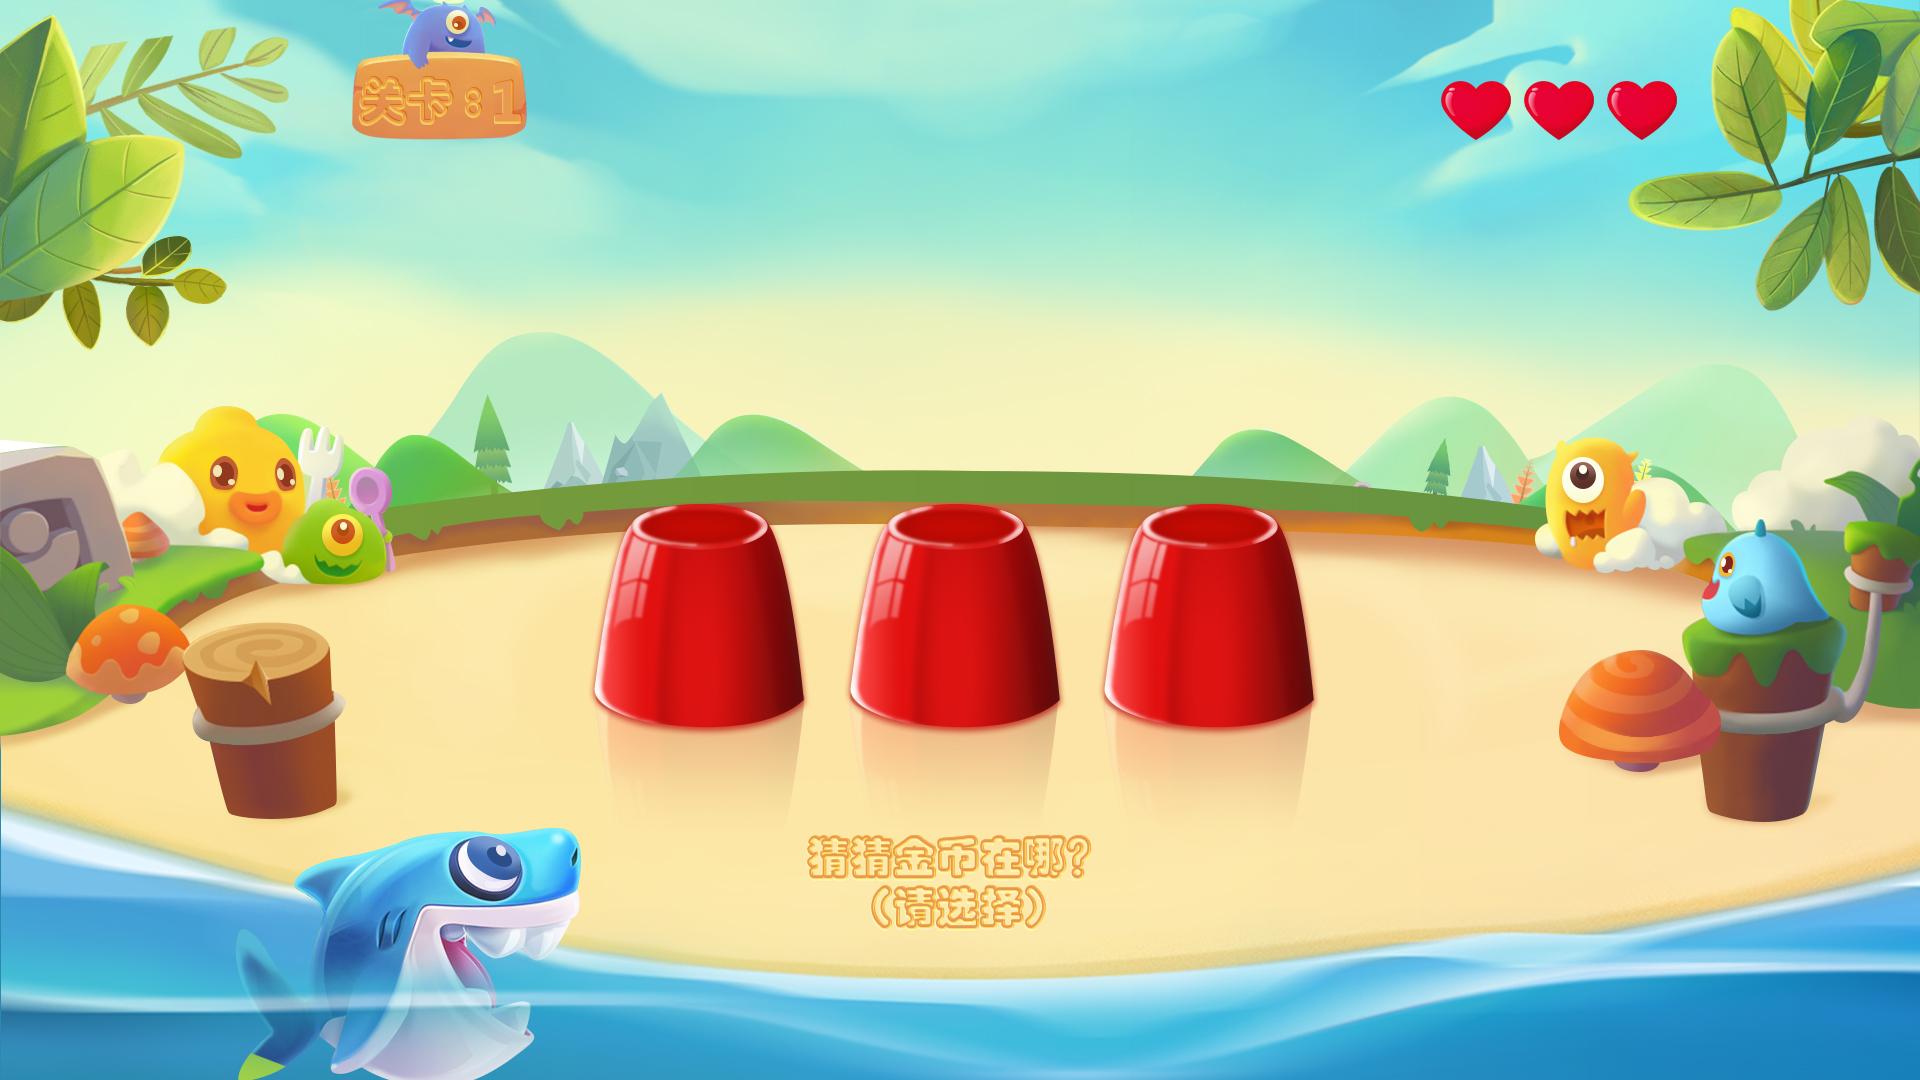 小游戏_【花样男子】 触摸屏软件开发 儿童游戏 最强眼力小游戏定制开